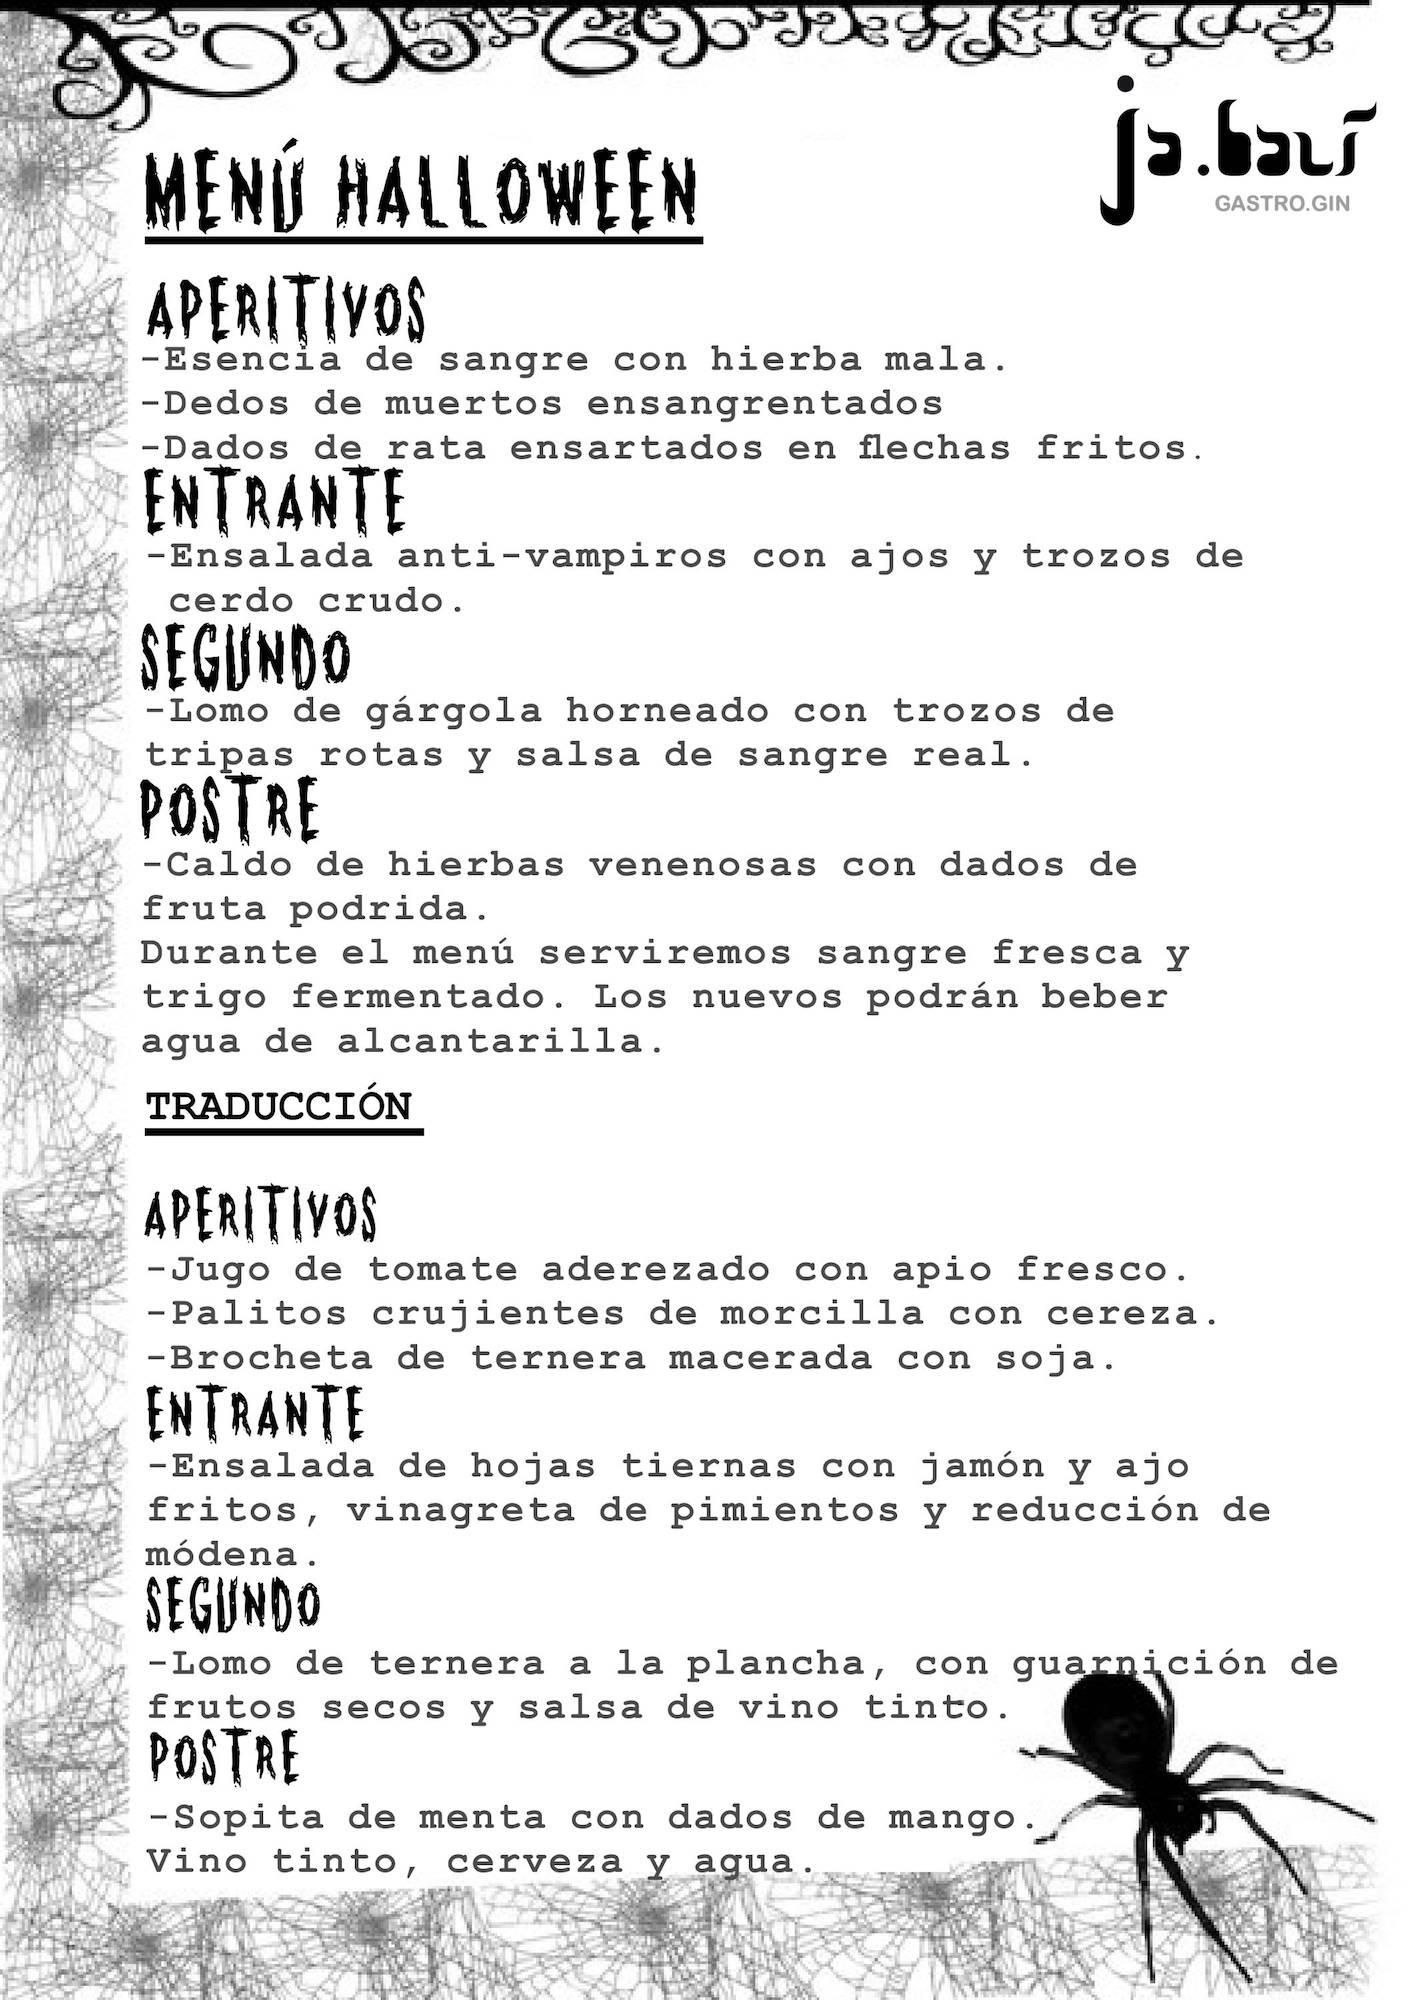 menu cenas de halloween jabali gastrogin - Noche de Halloween en Jabalí Gastro el día 31 octubre